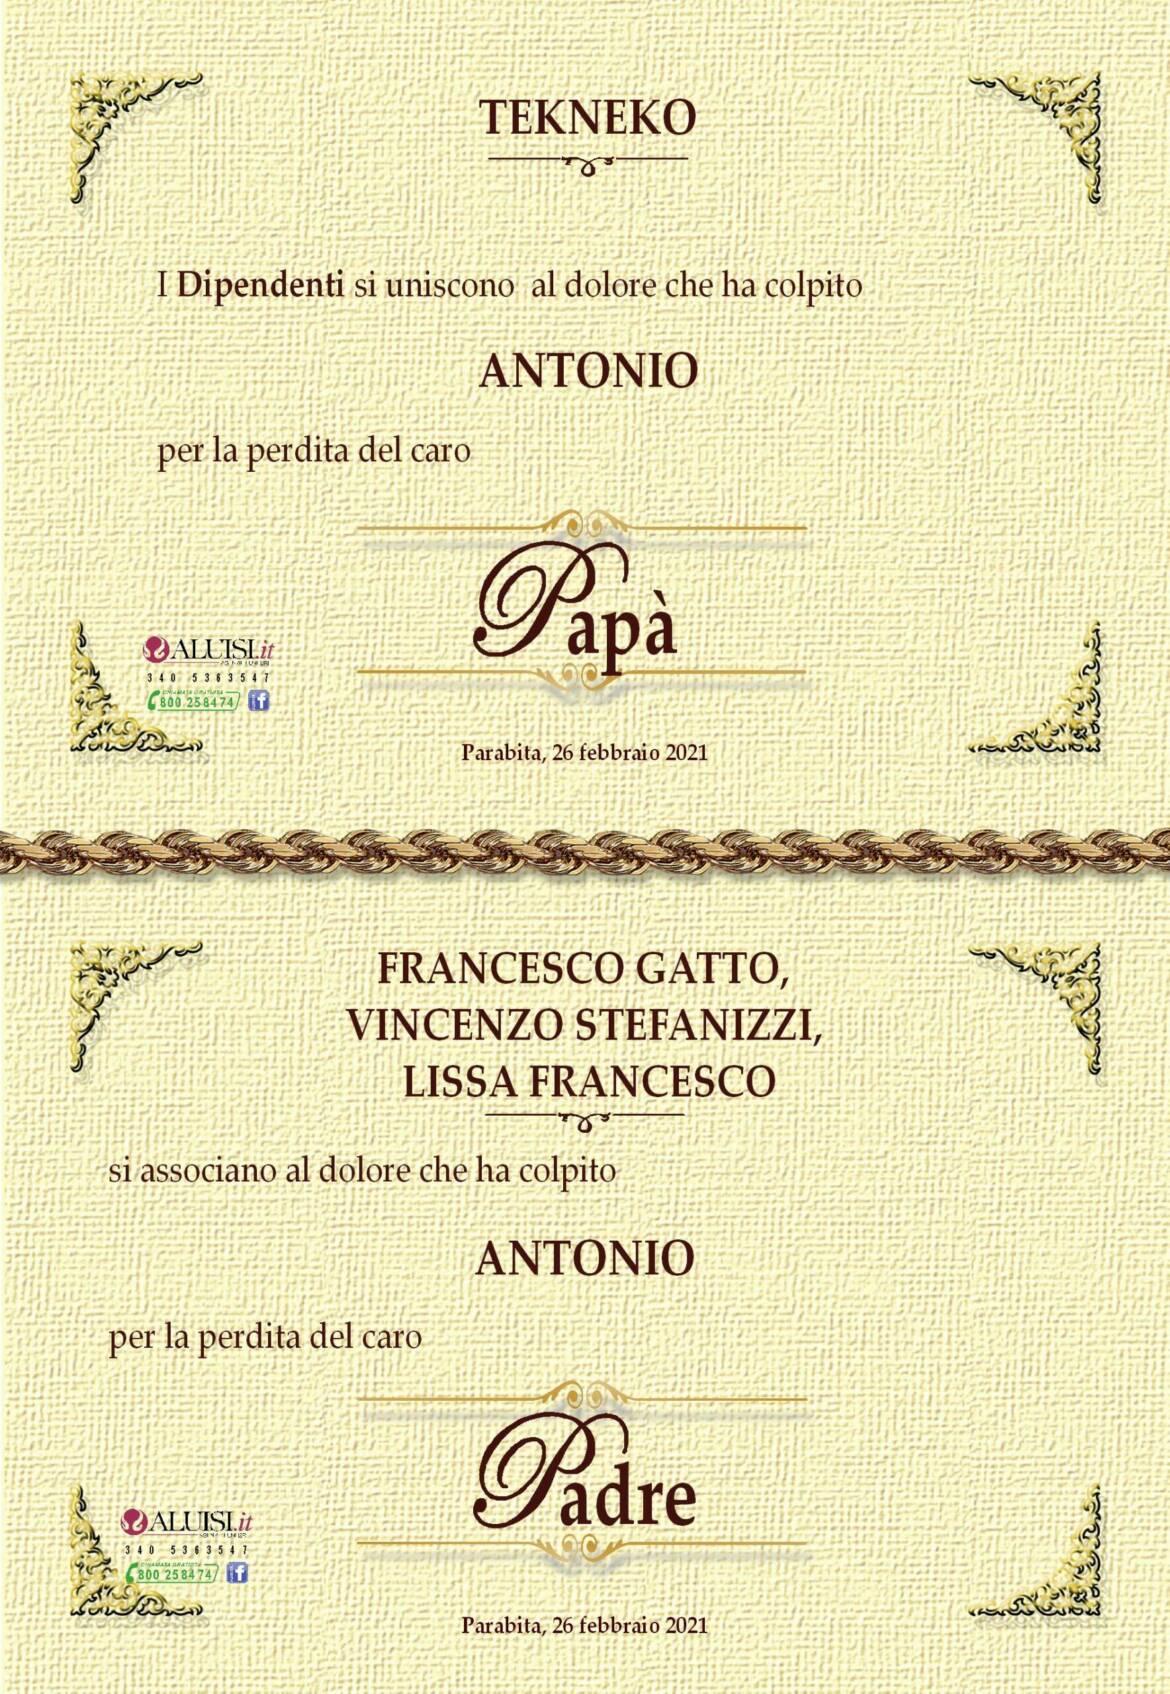 PARTECIPAZIONE-ROCCO-ANTONIO-CORONESE-PARABIA-2-1-scaled.jpg